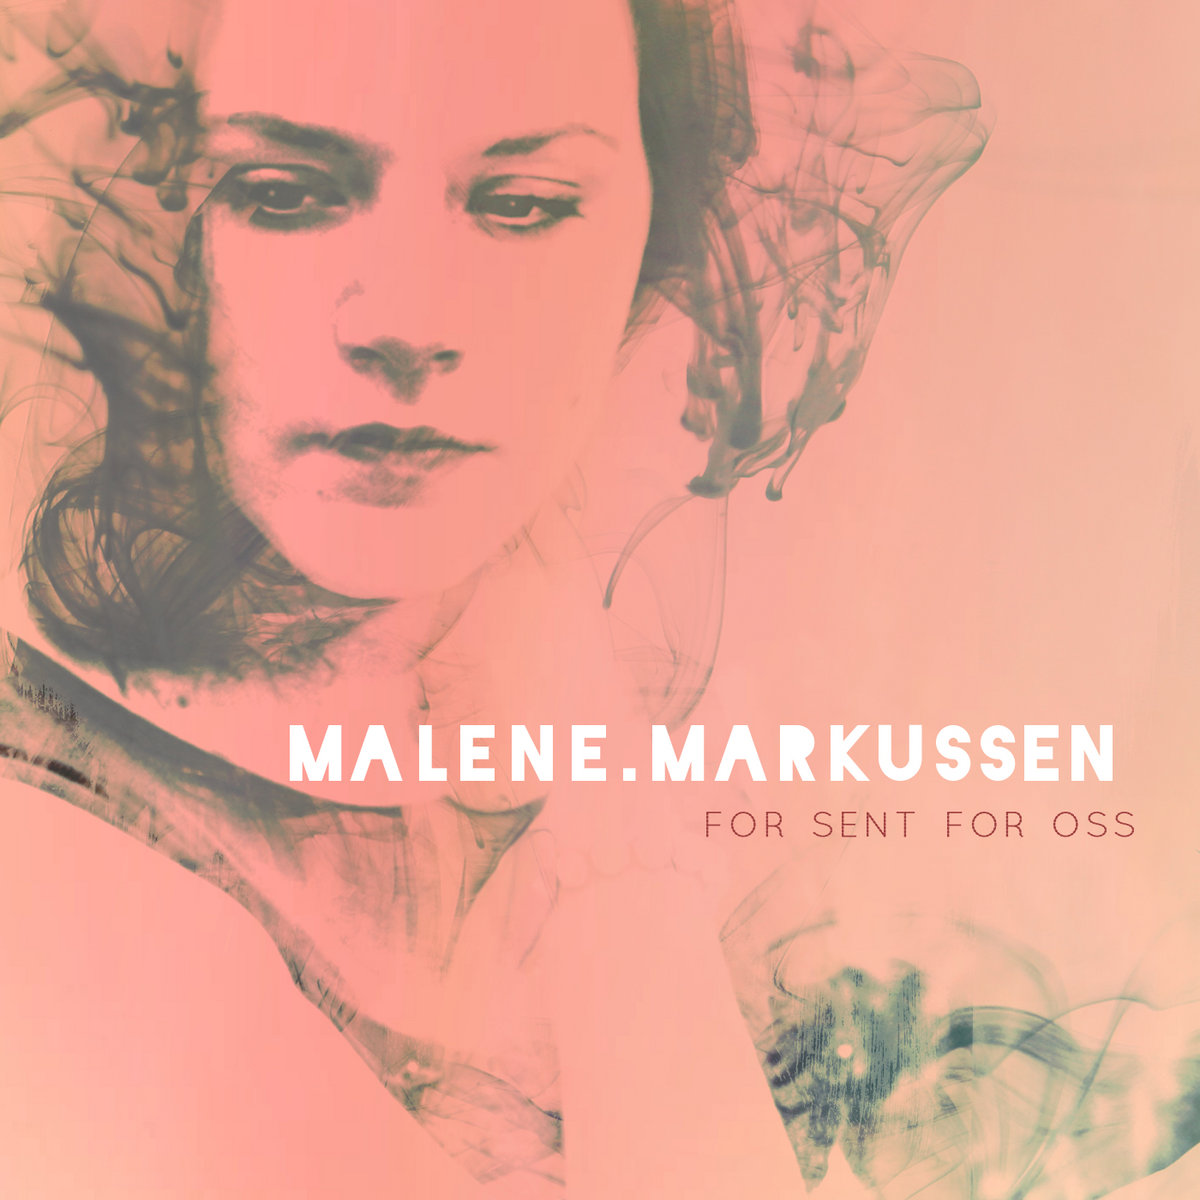 For sent for oss by Malene Markussen